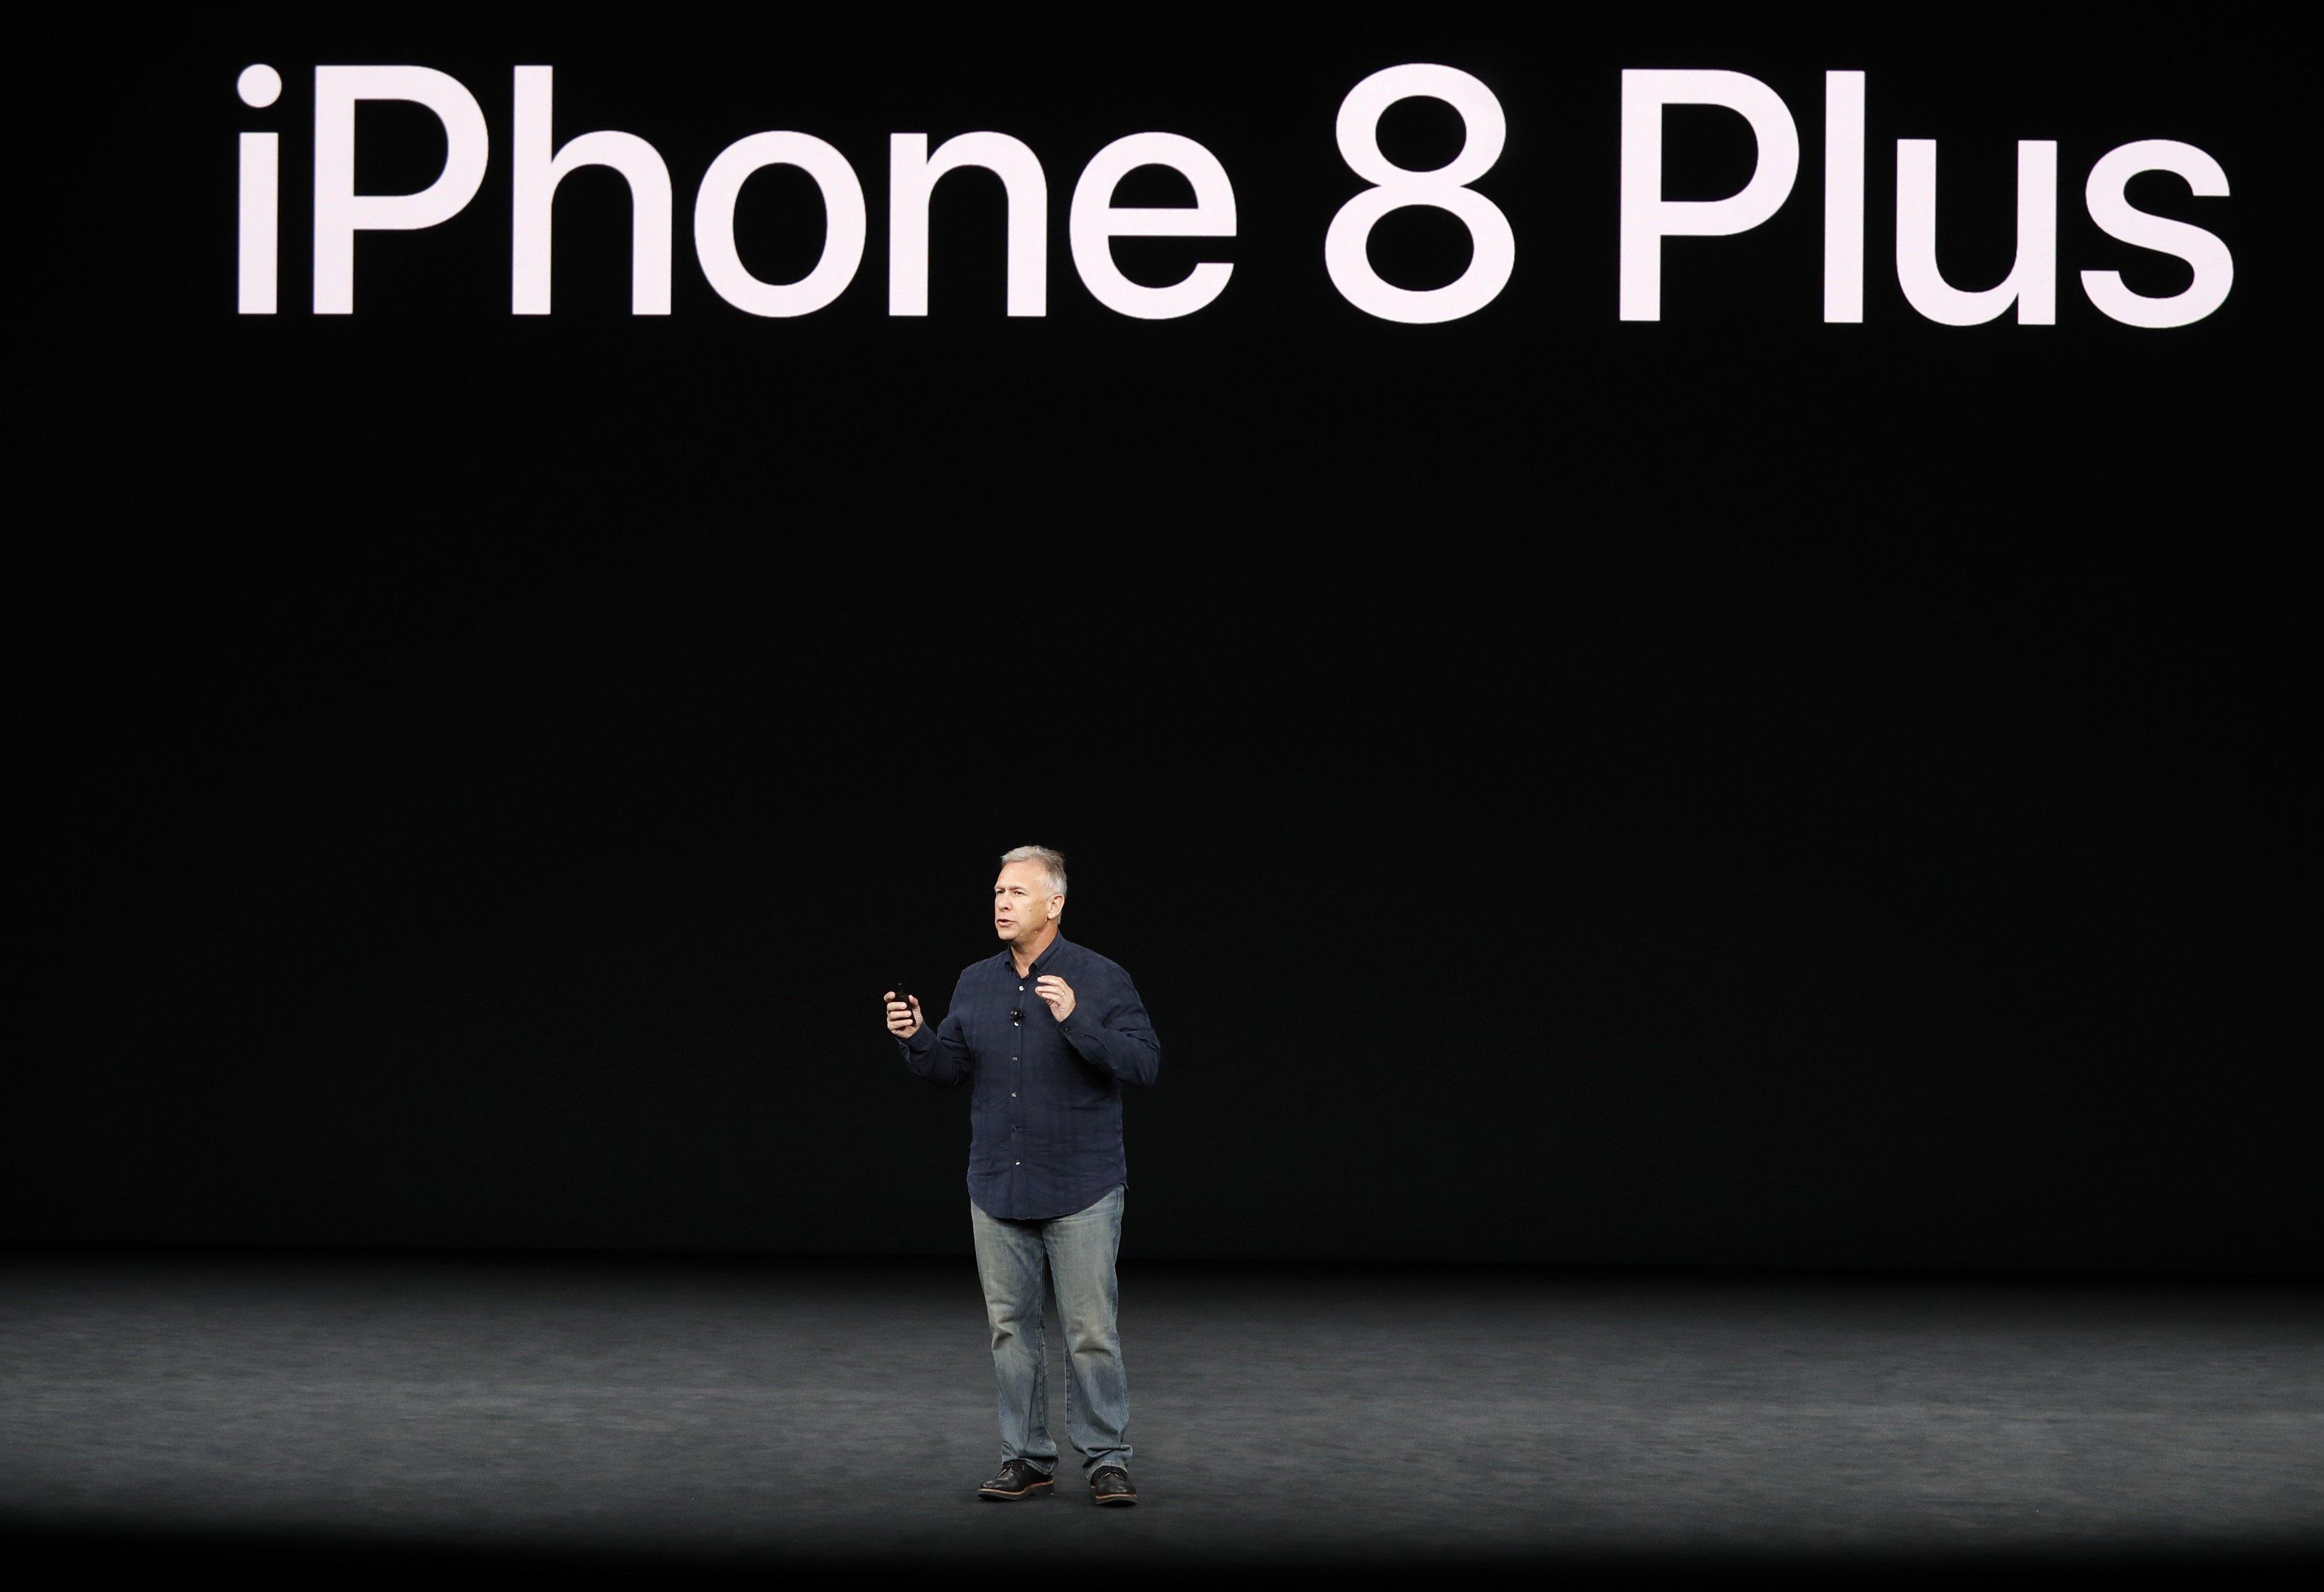 أبل تطلق آيفون 8 وآيفون 8 بلس.. تعرّف على الميزات